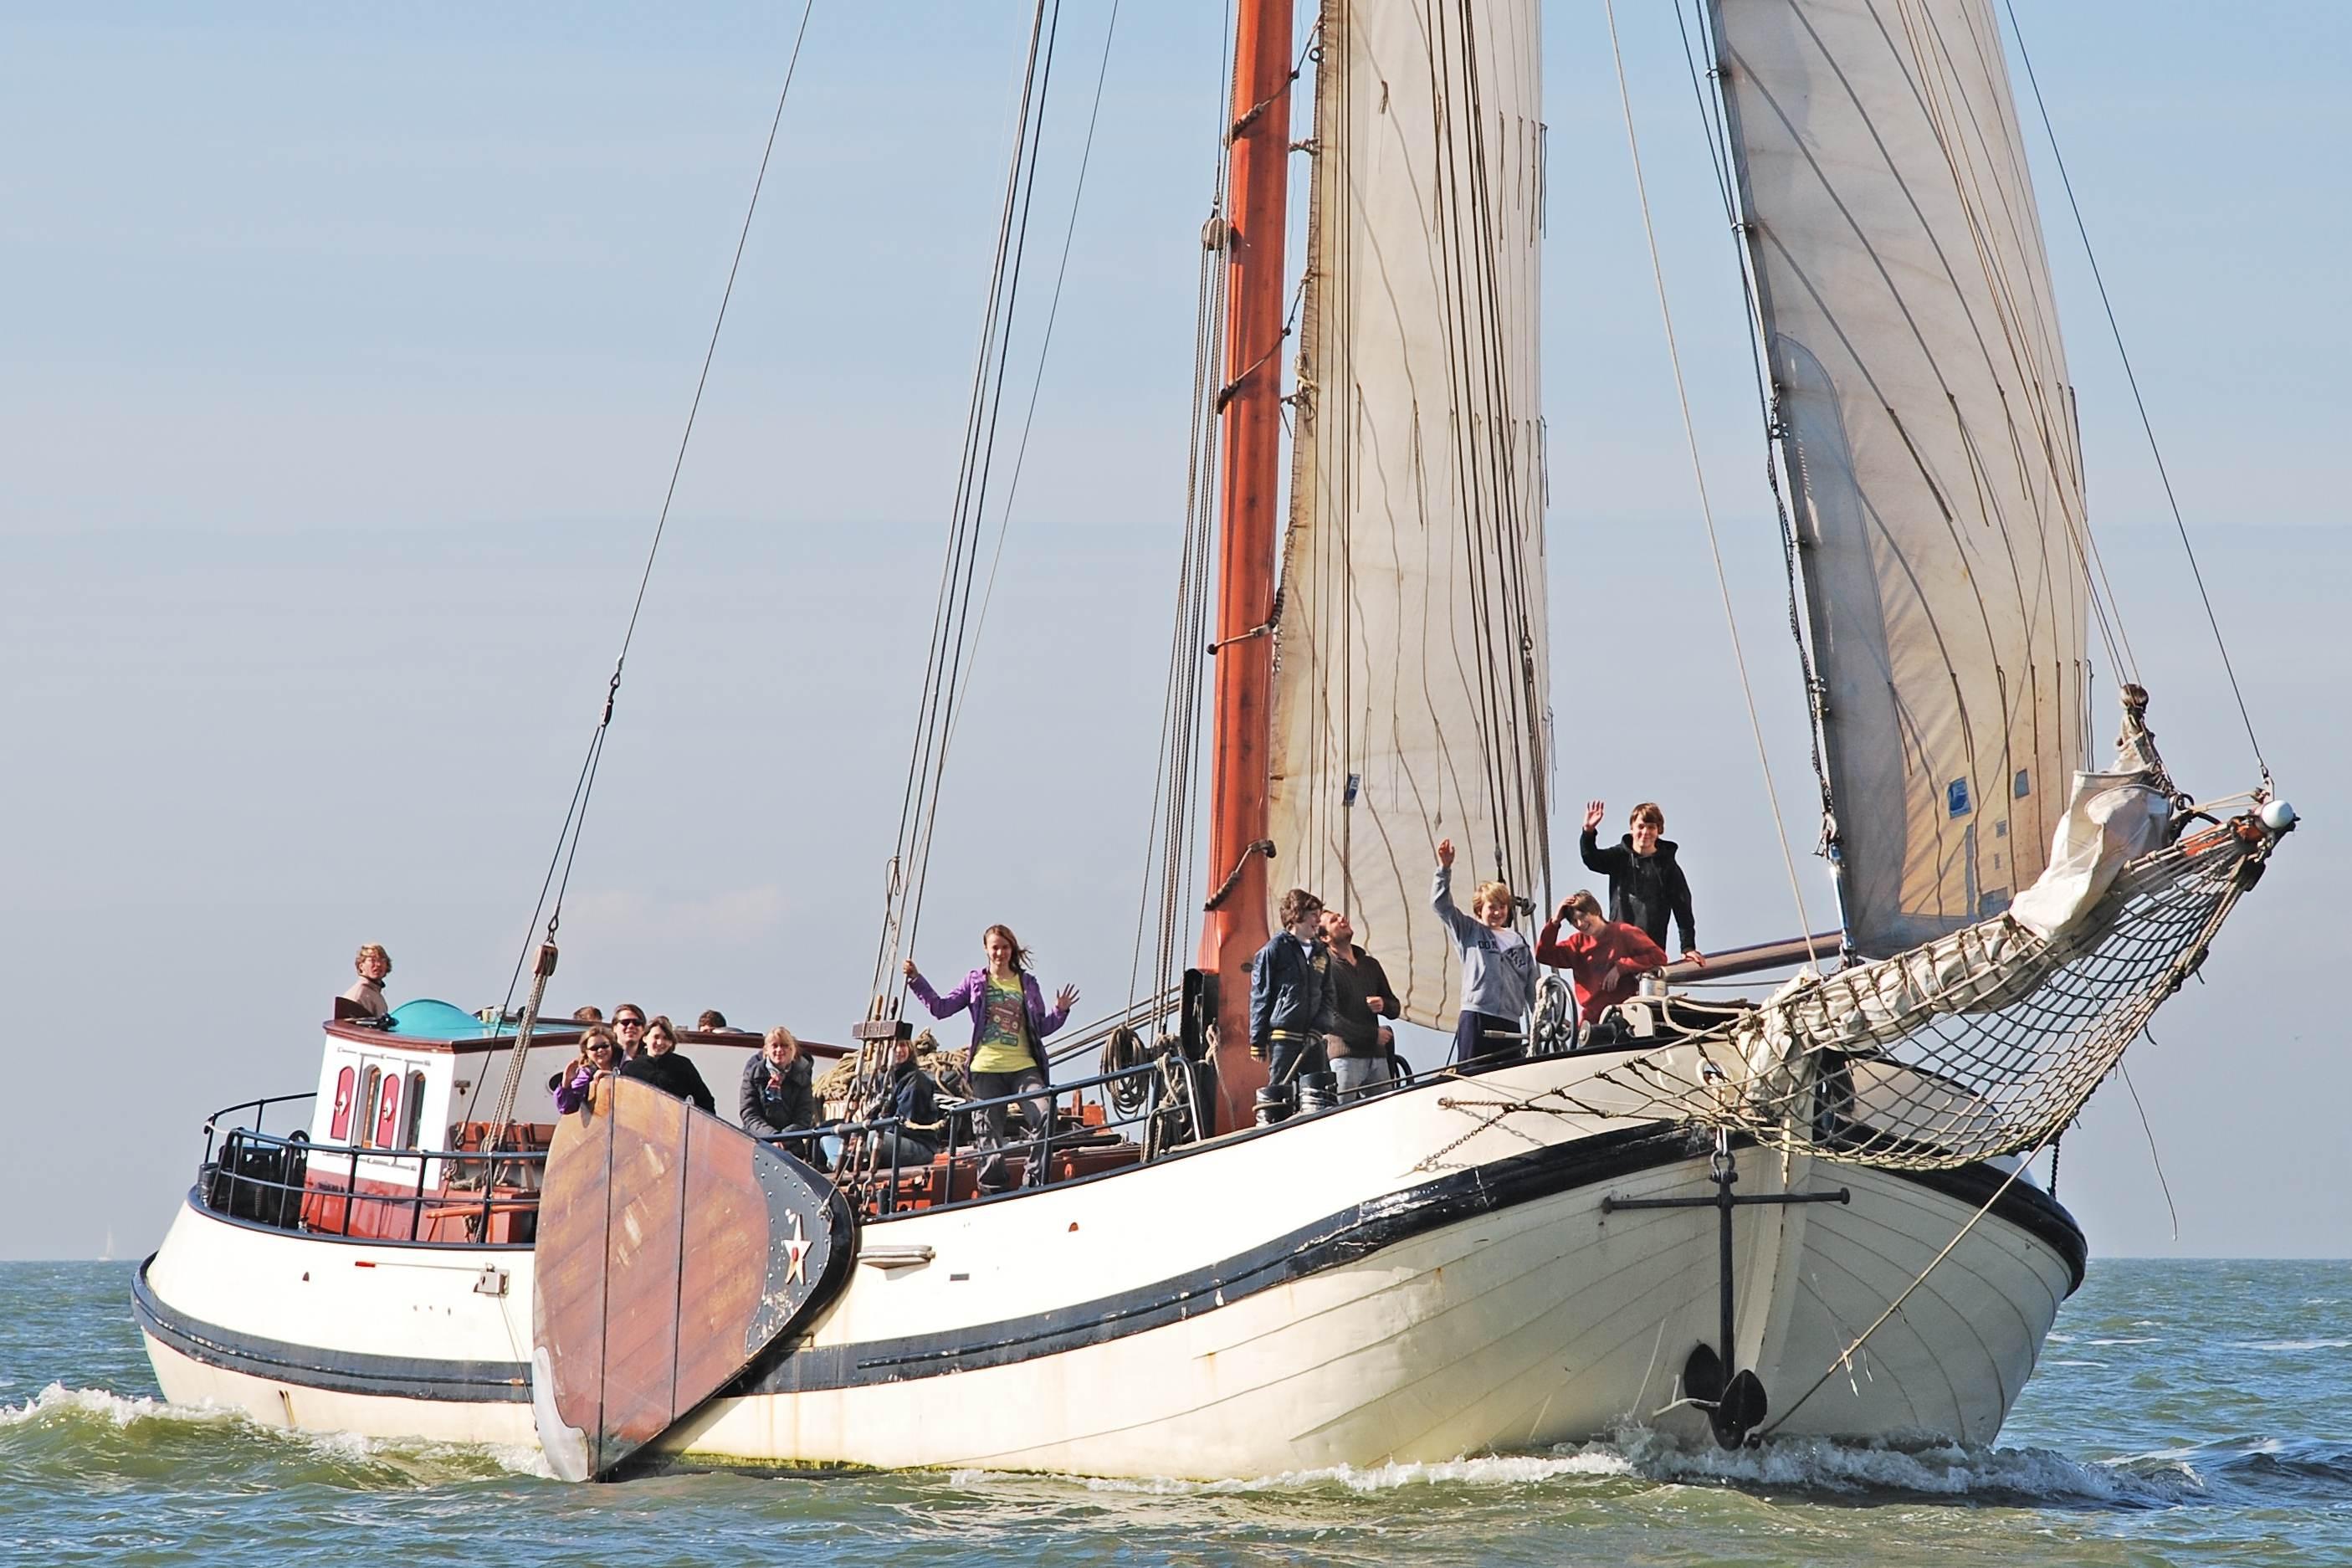 zeilen op IJsselmeer of Waddenzee met de eenmasttjalk Middelsee vanuit Stavoren